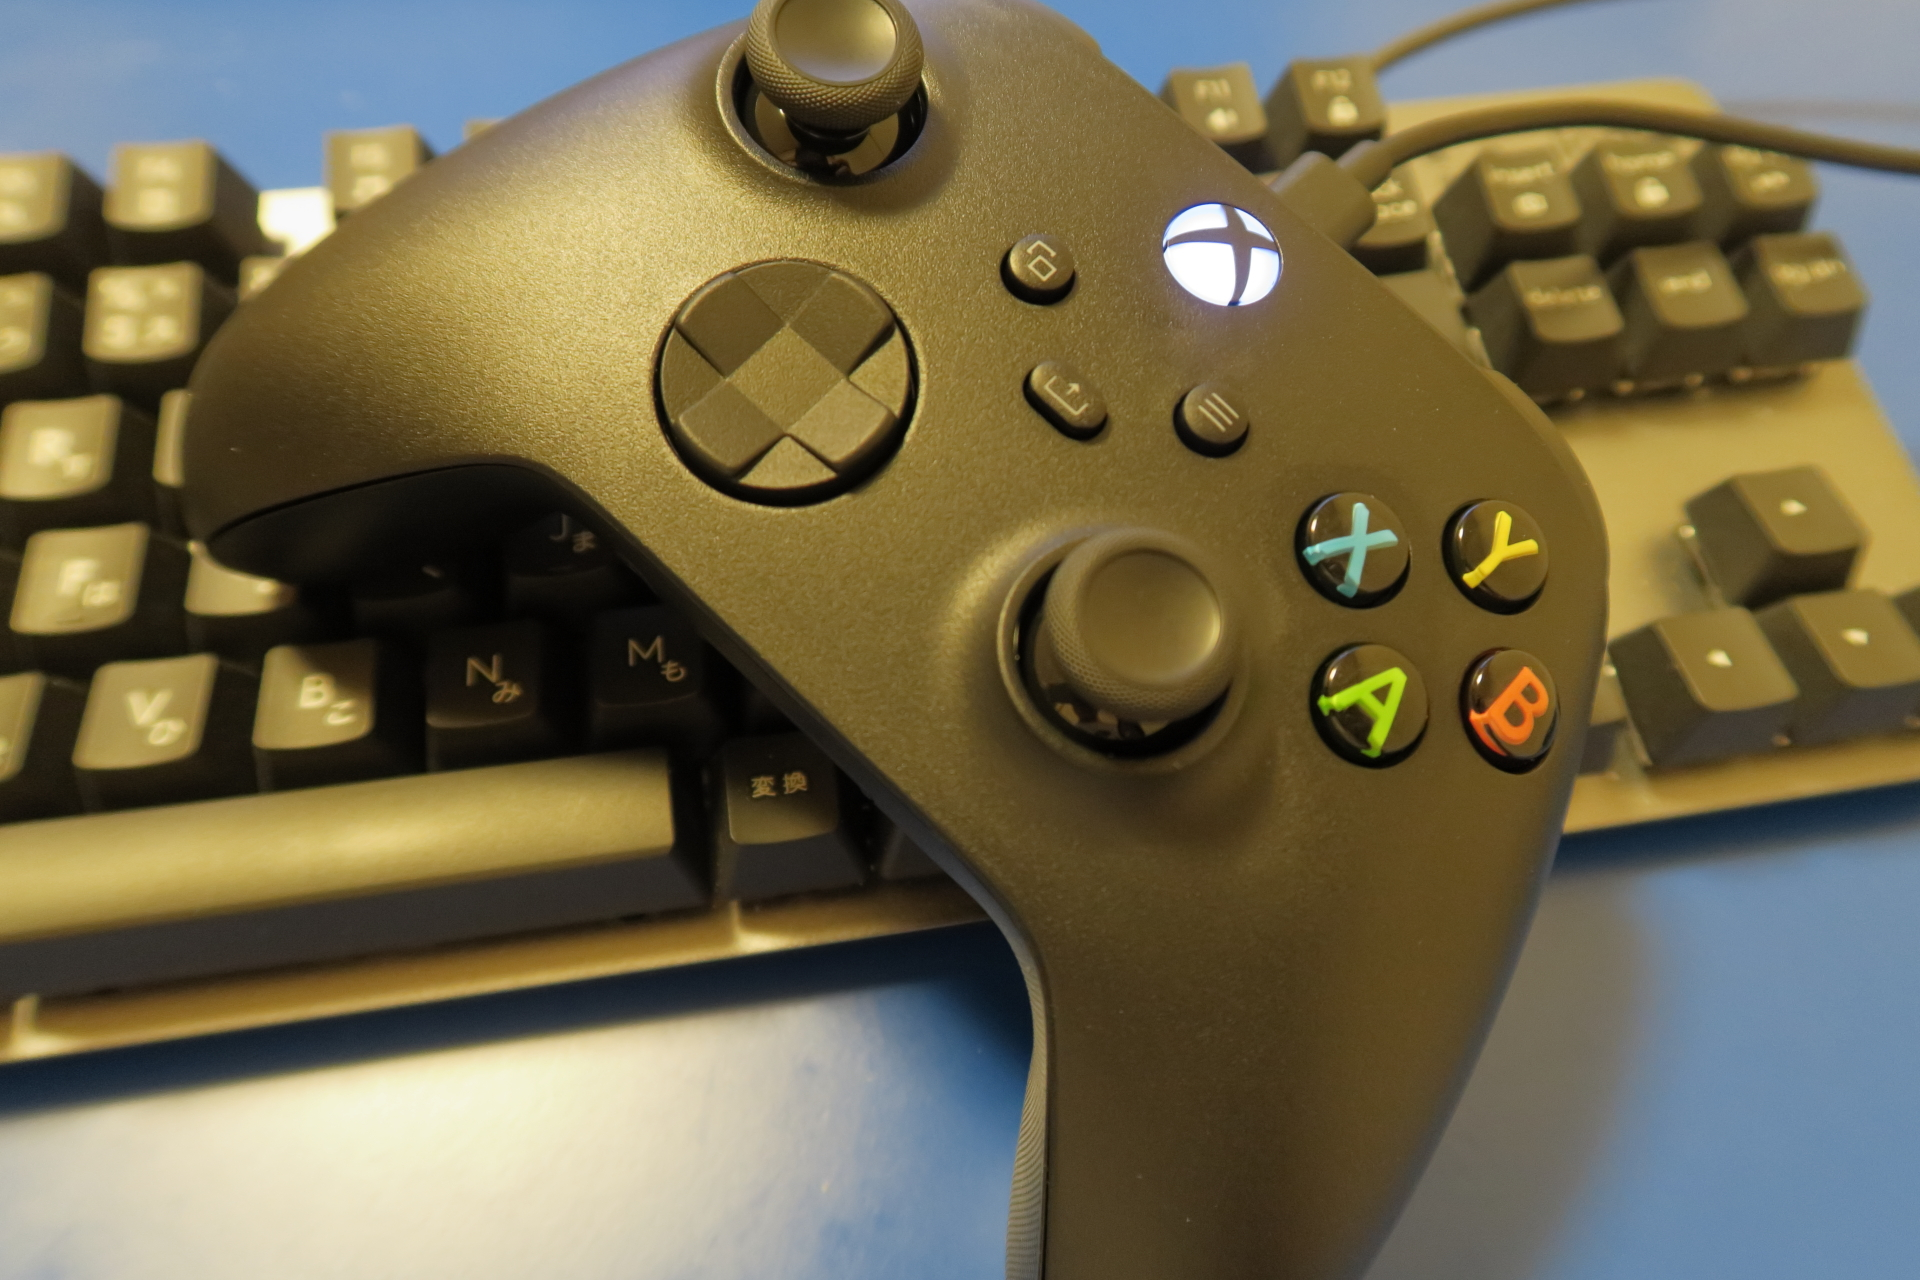 Xbox ワイヤレスコントローラー